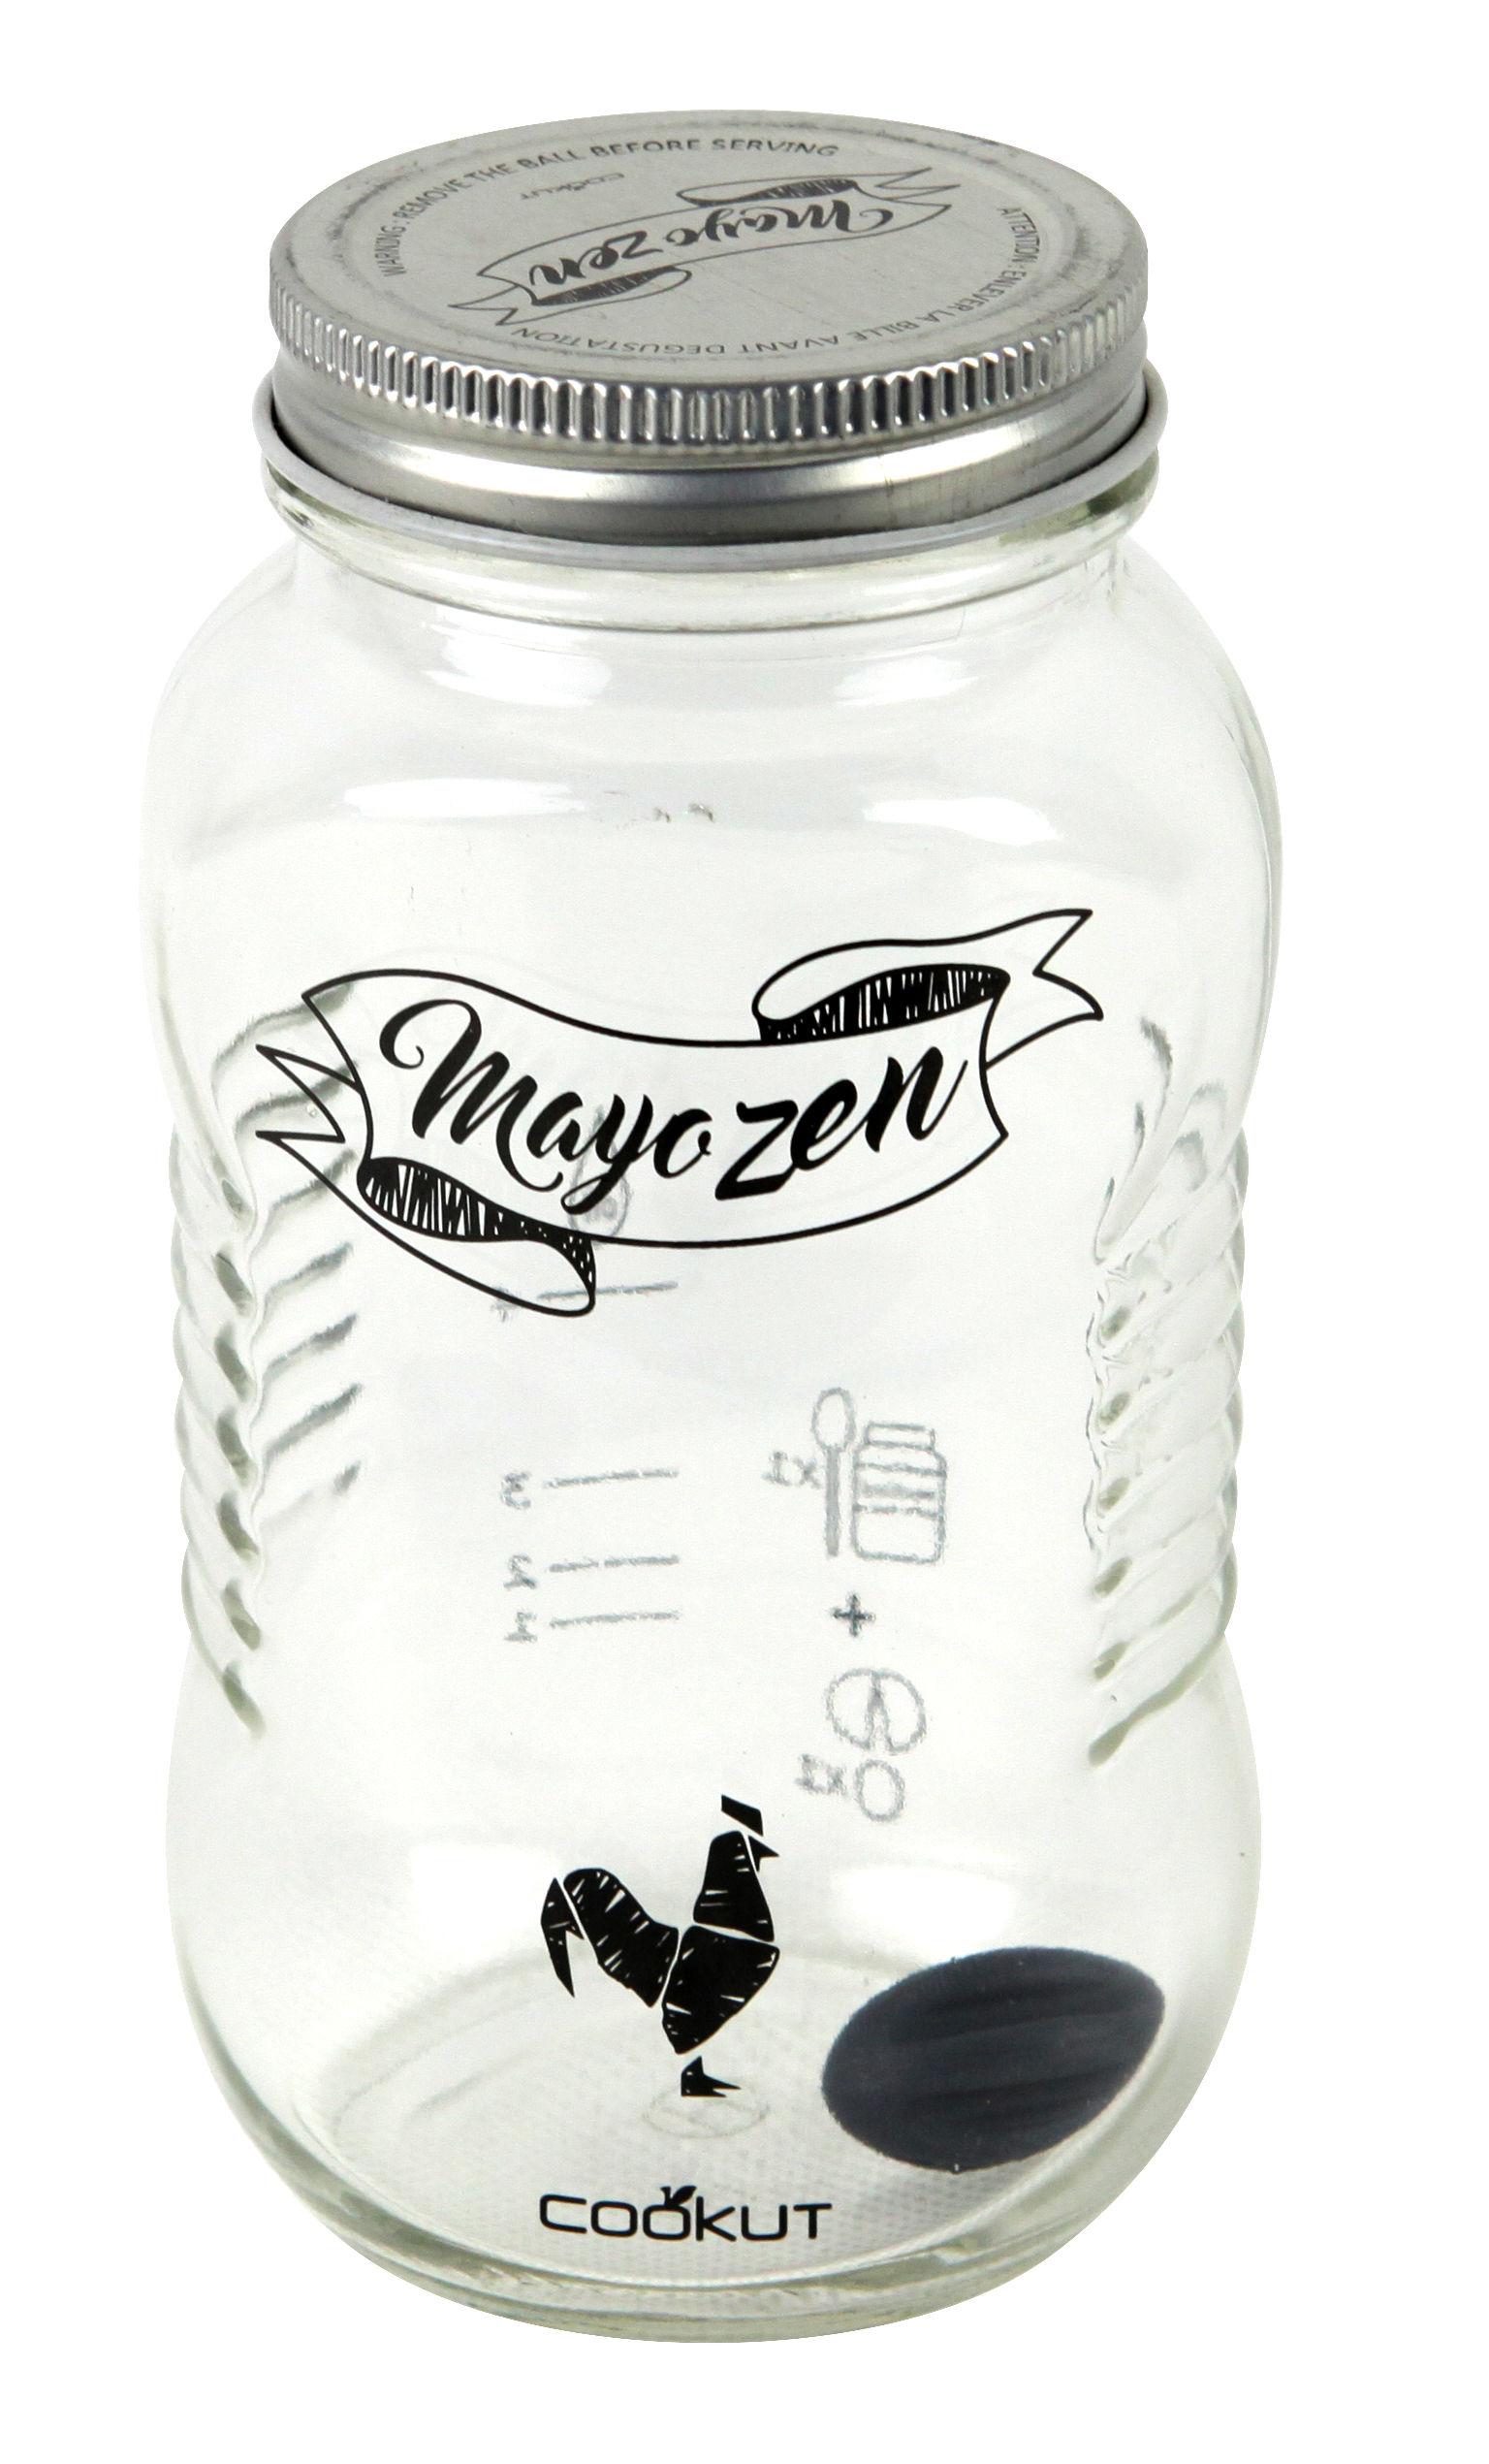 Cuisine - Ustensiles de cuisines - Shaker Mayozen / Pour mayonnaise maison - Cookut - Transparent / Argent - Métal, Silicone, Verre